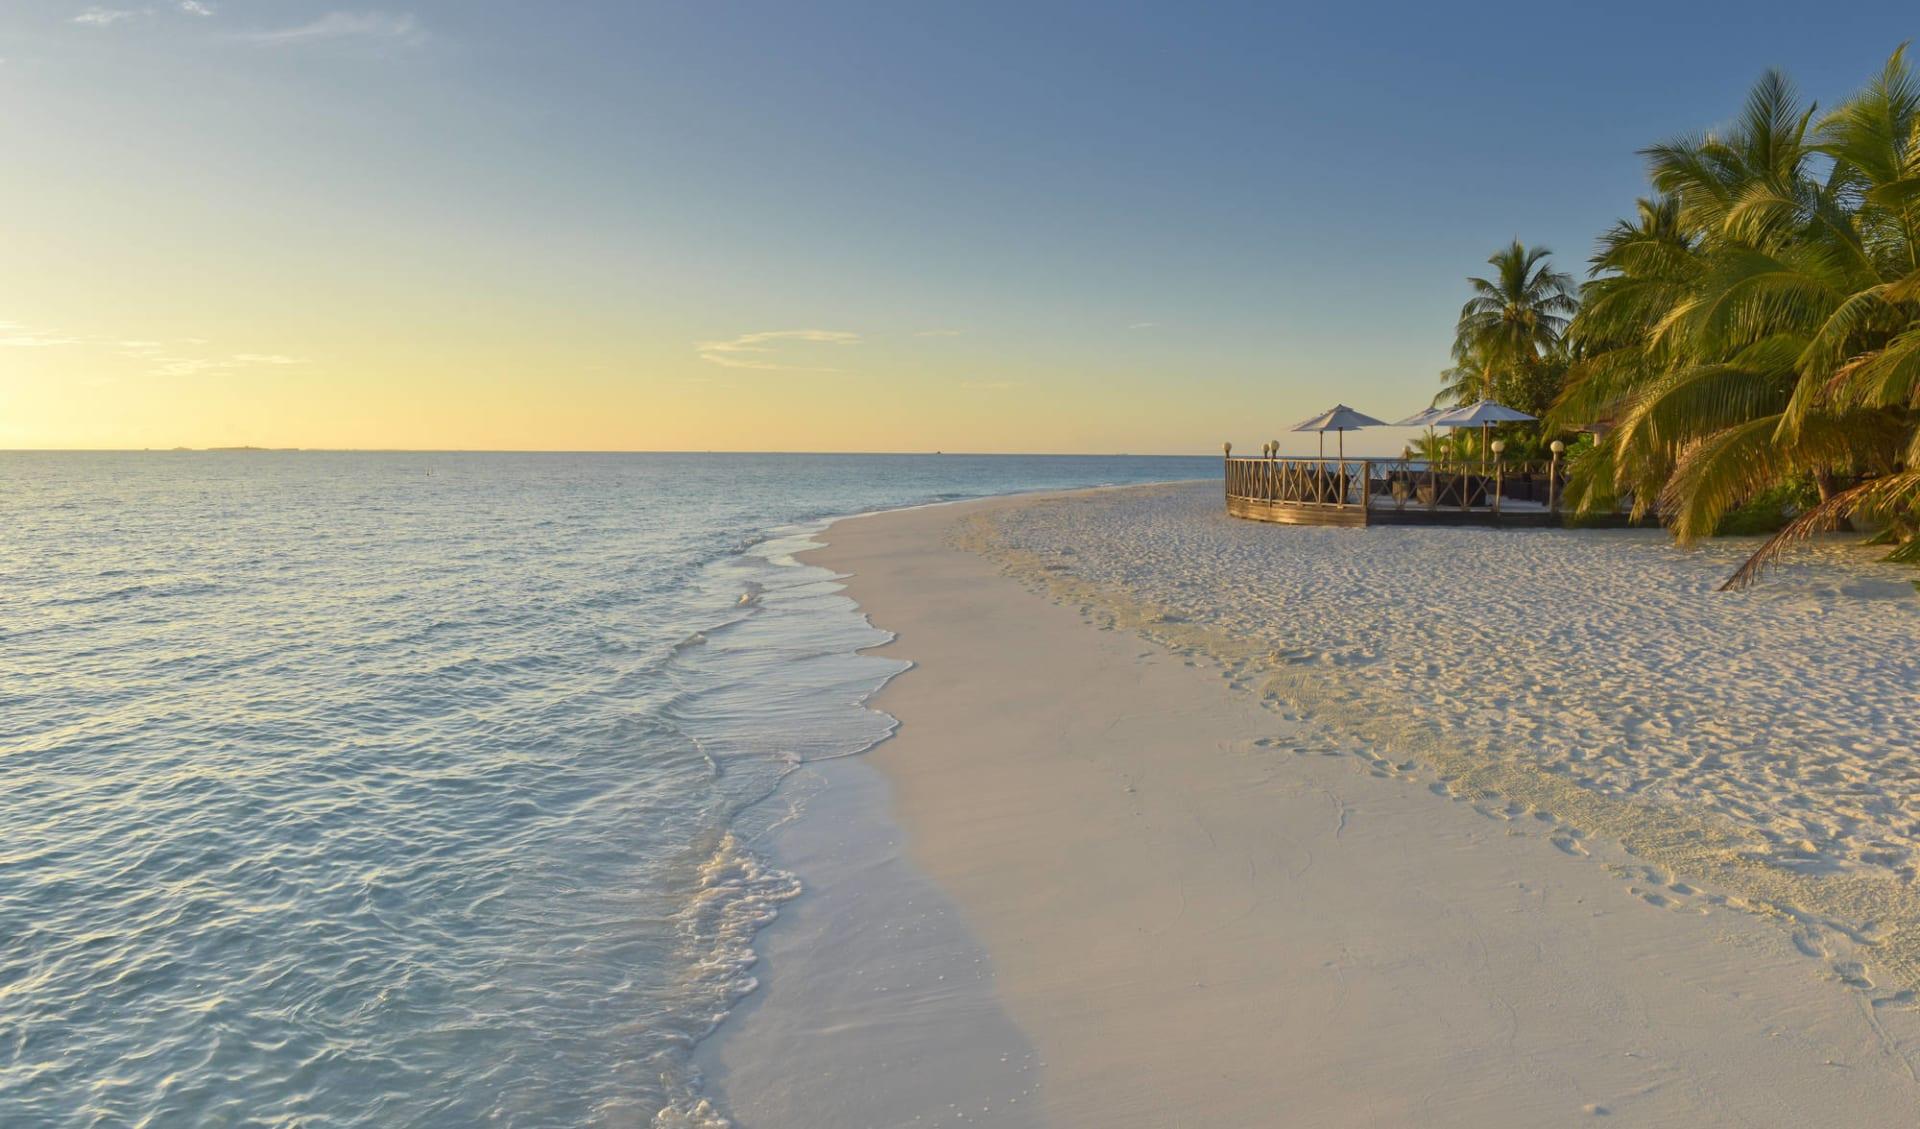 Angaga in Ari-Atoll: